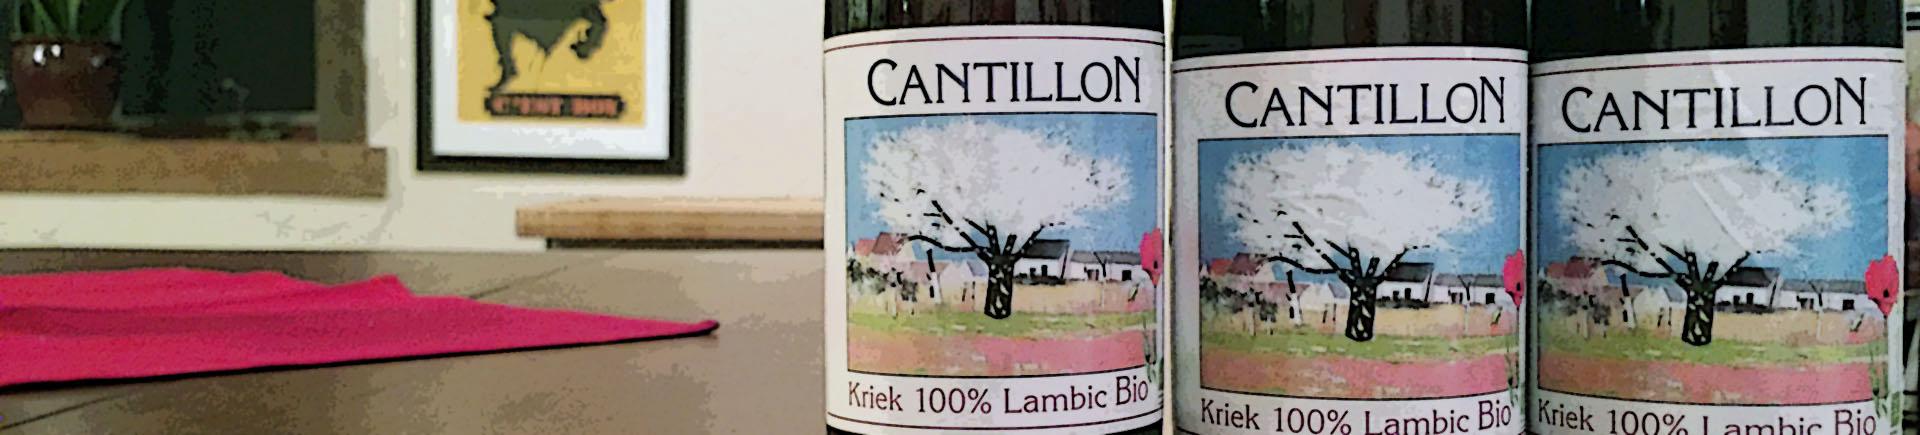 Cantillon Kriek Header 2